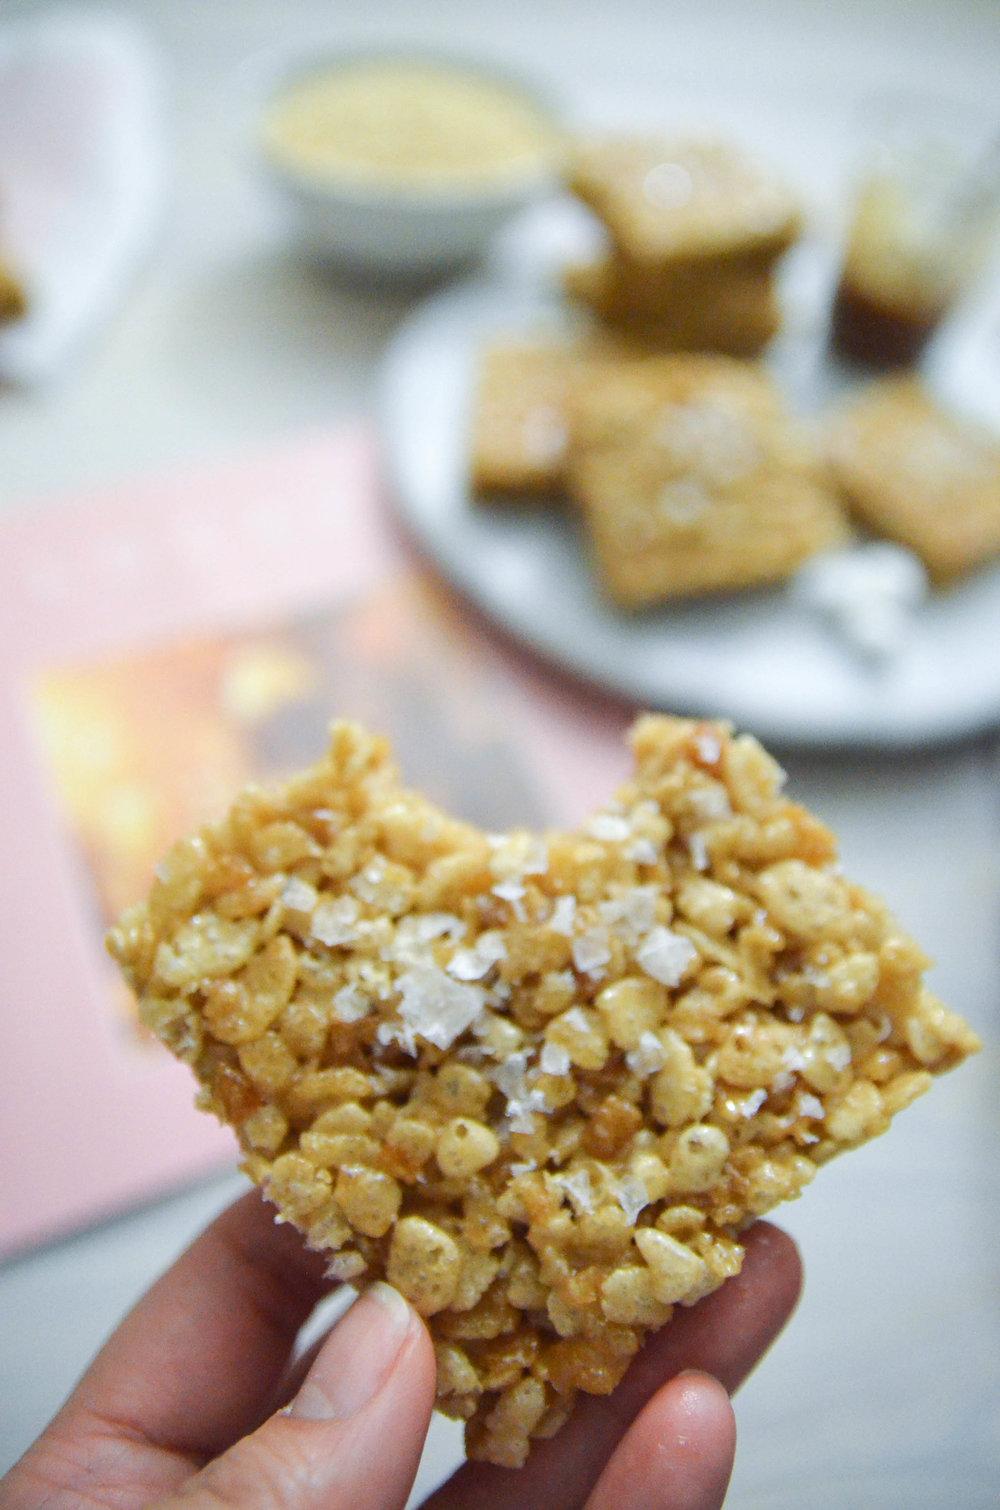 Sea Salt Caramel Rice Krispies Treats The Midnight Kitchen Kripiss Medan Karamel Krispie 17